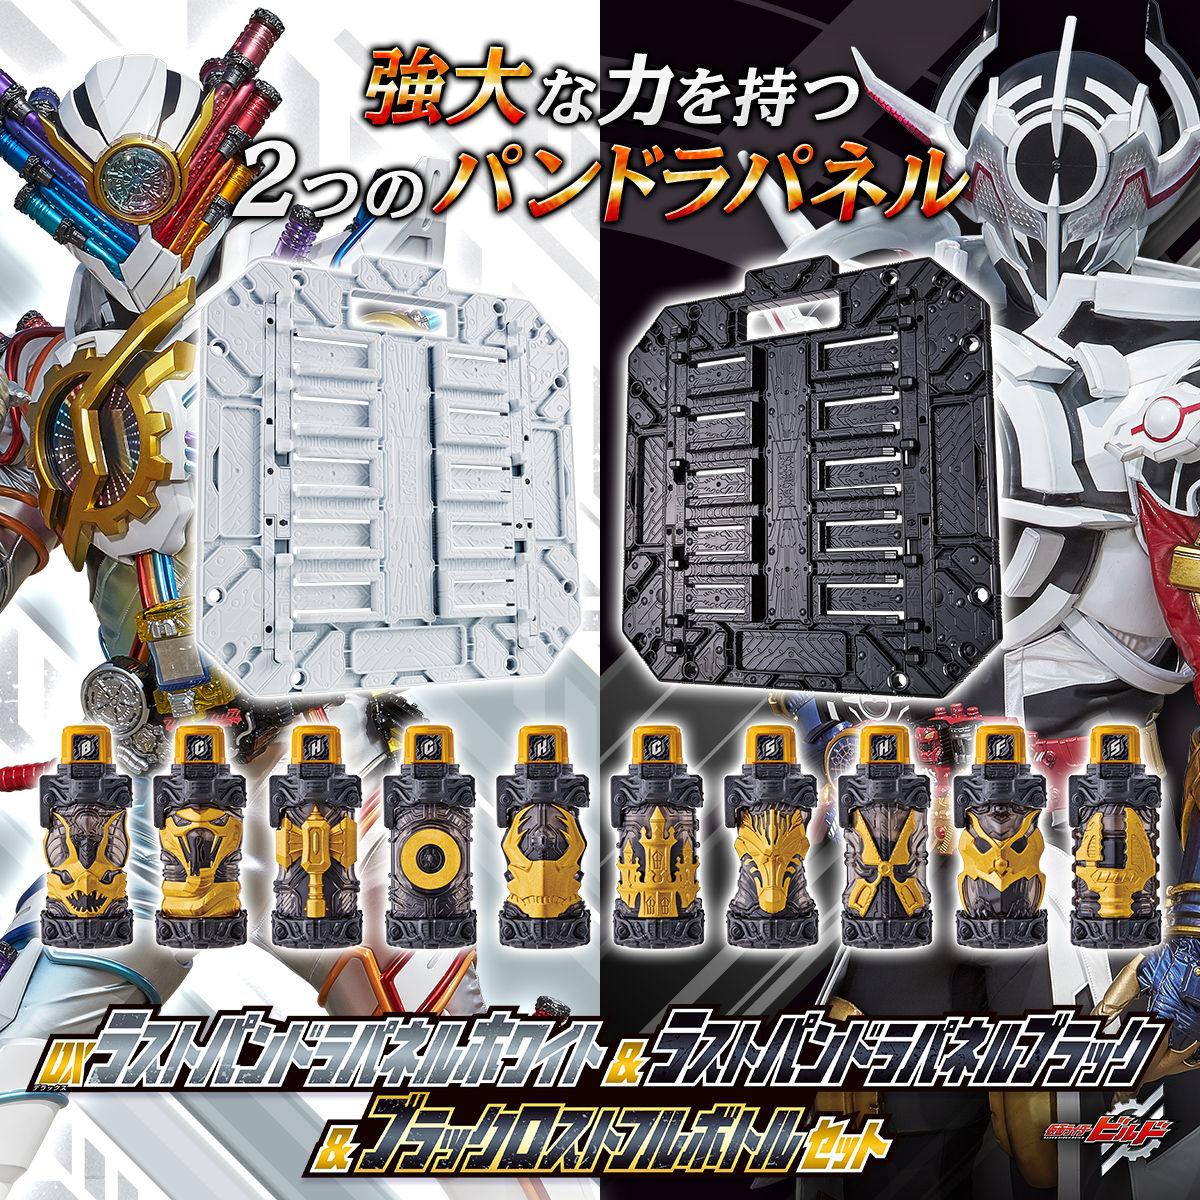 DXラストパンドラパネルホワイト&ラストパンドラパネルブラック&ブラックロストフルボトル10本セット